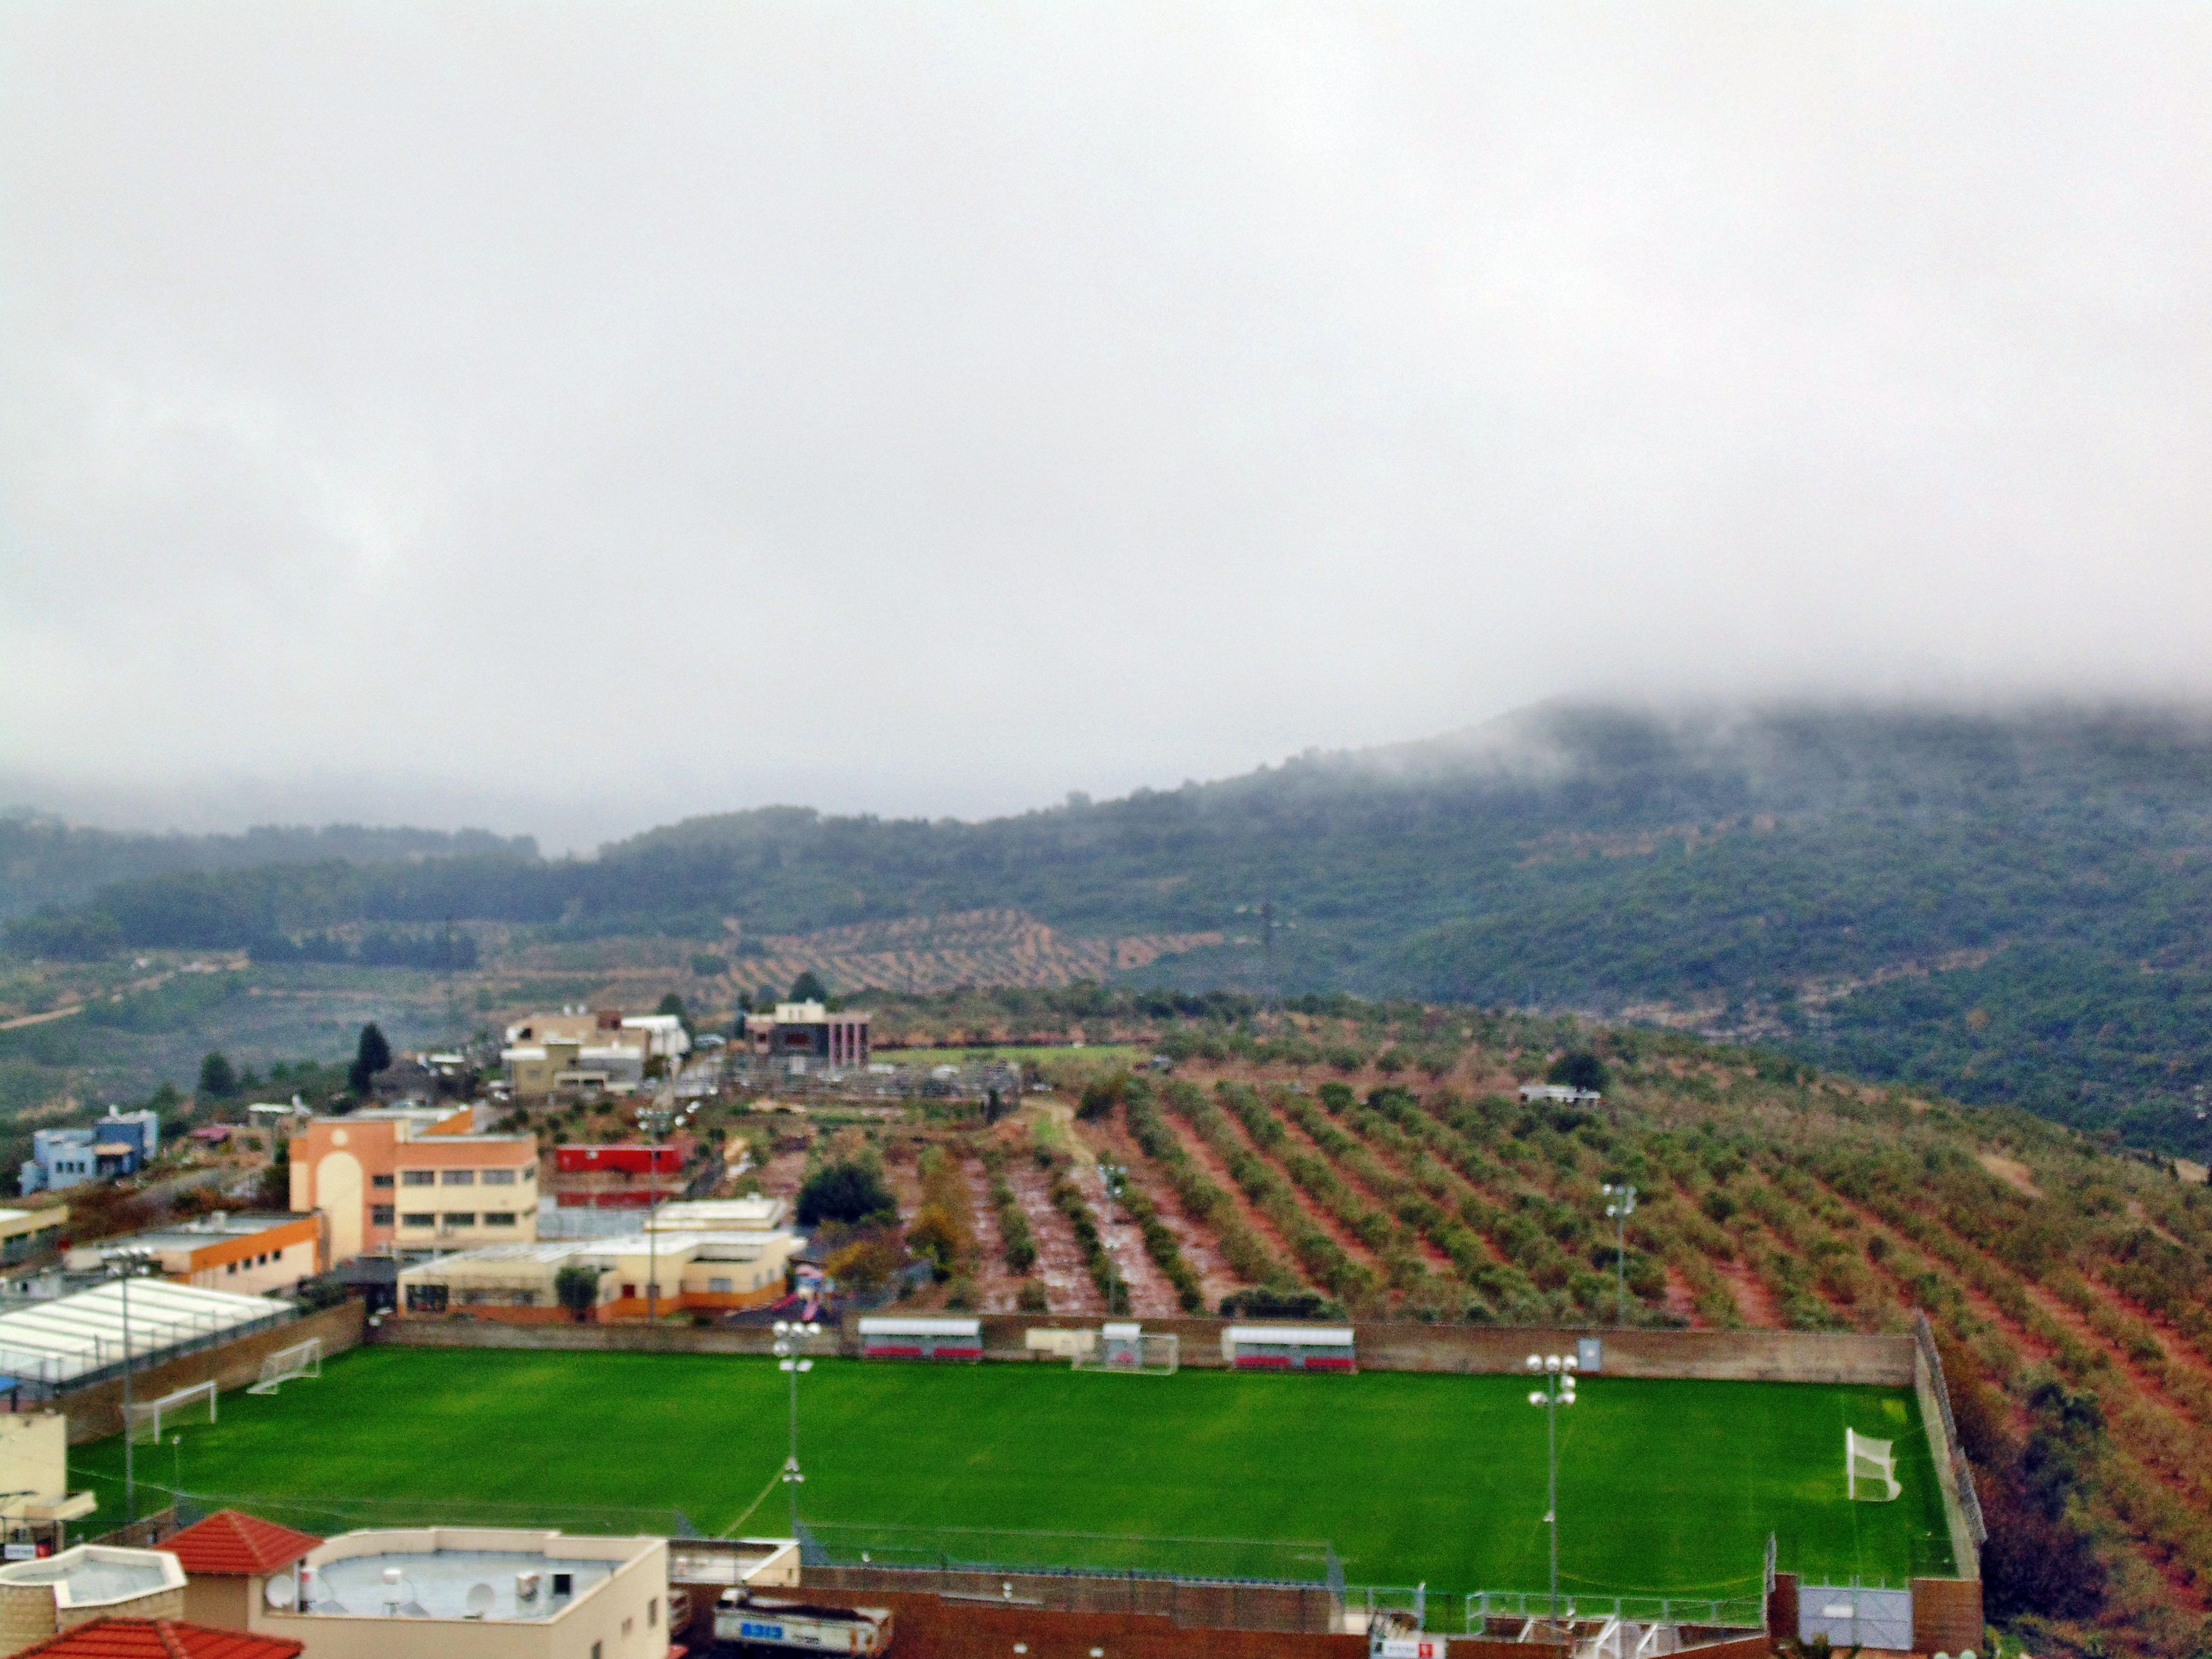 مجلس كوكب المحلي:مناقصة بخصوص  ارضية العشب الطبيعي في ملعب كرة القدم